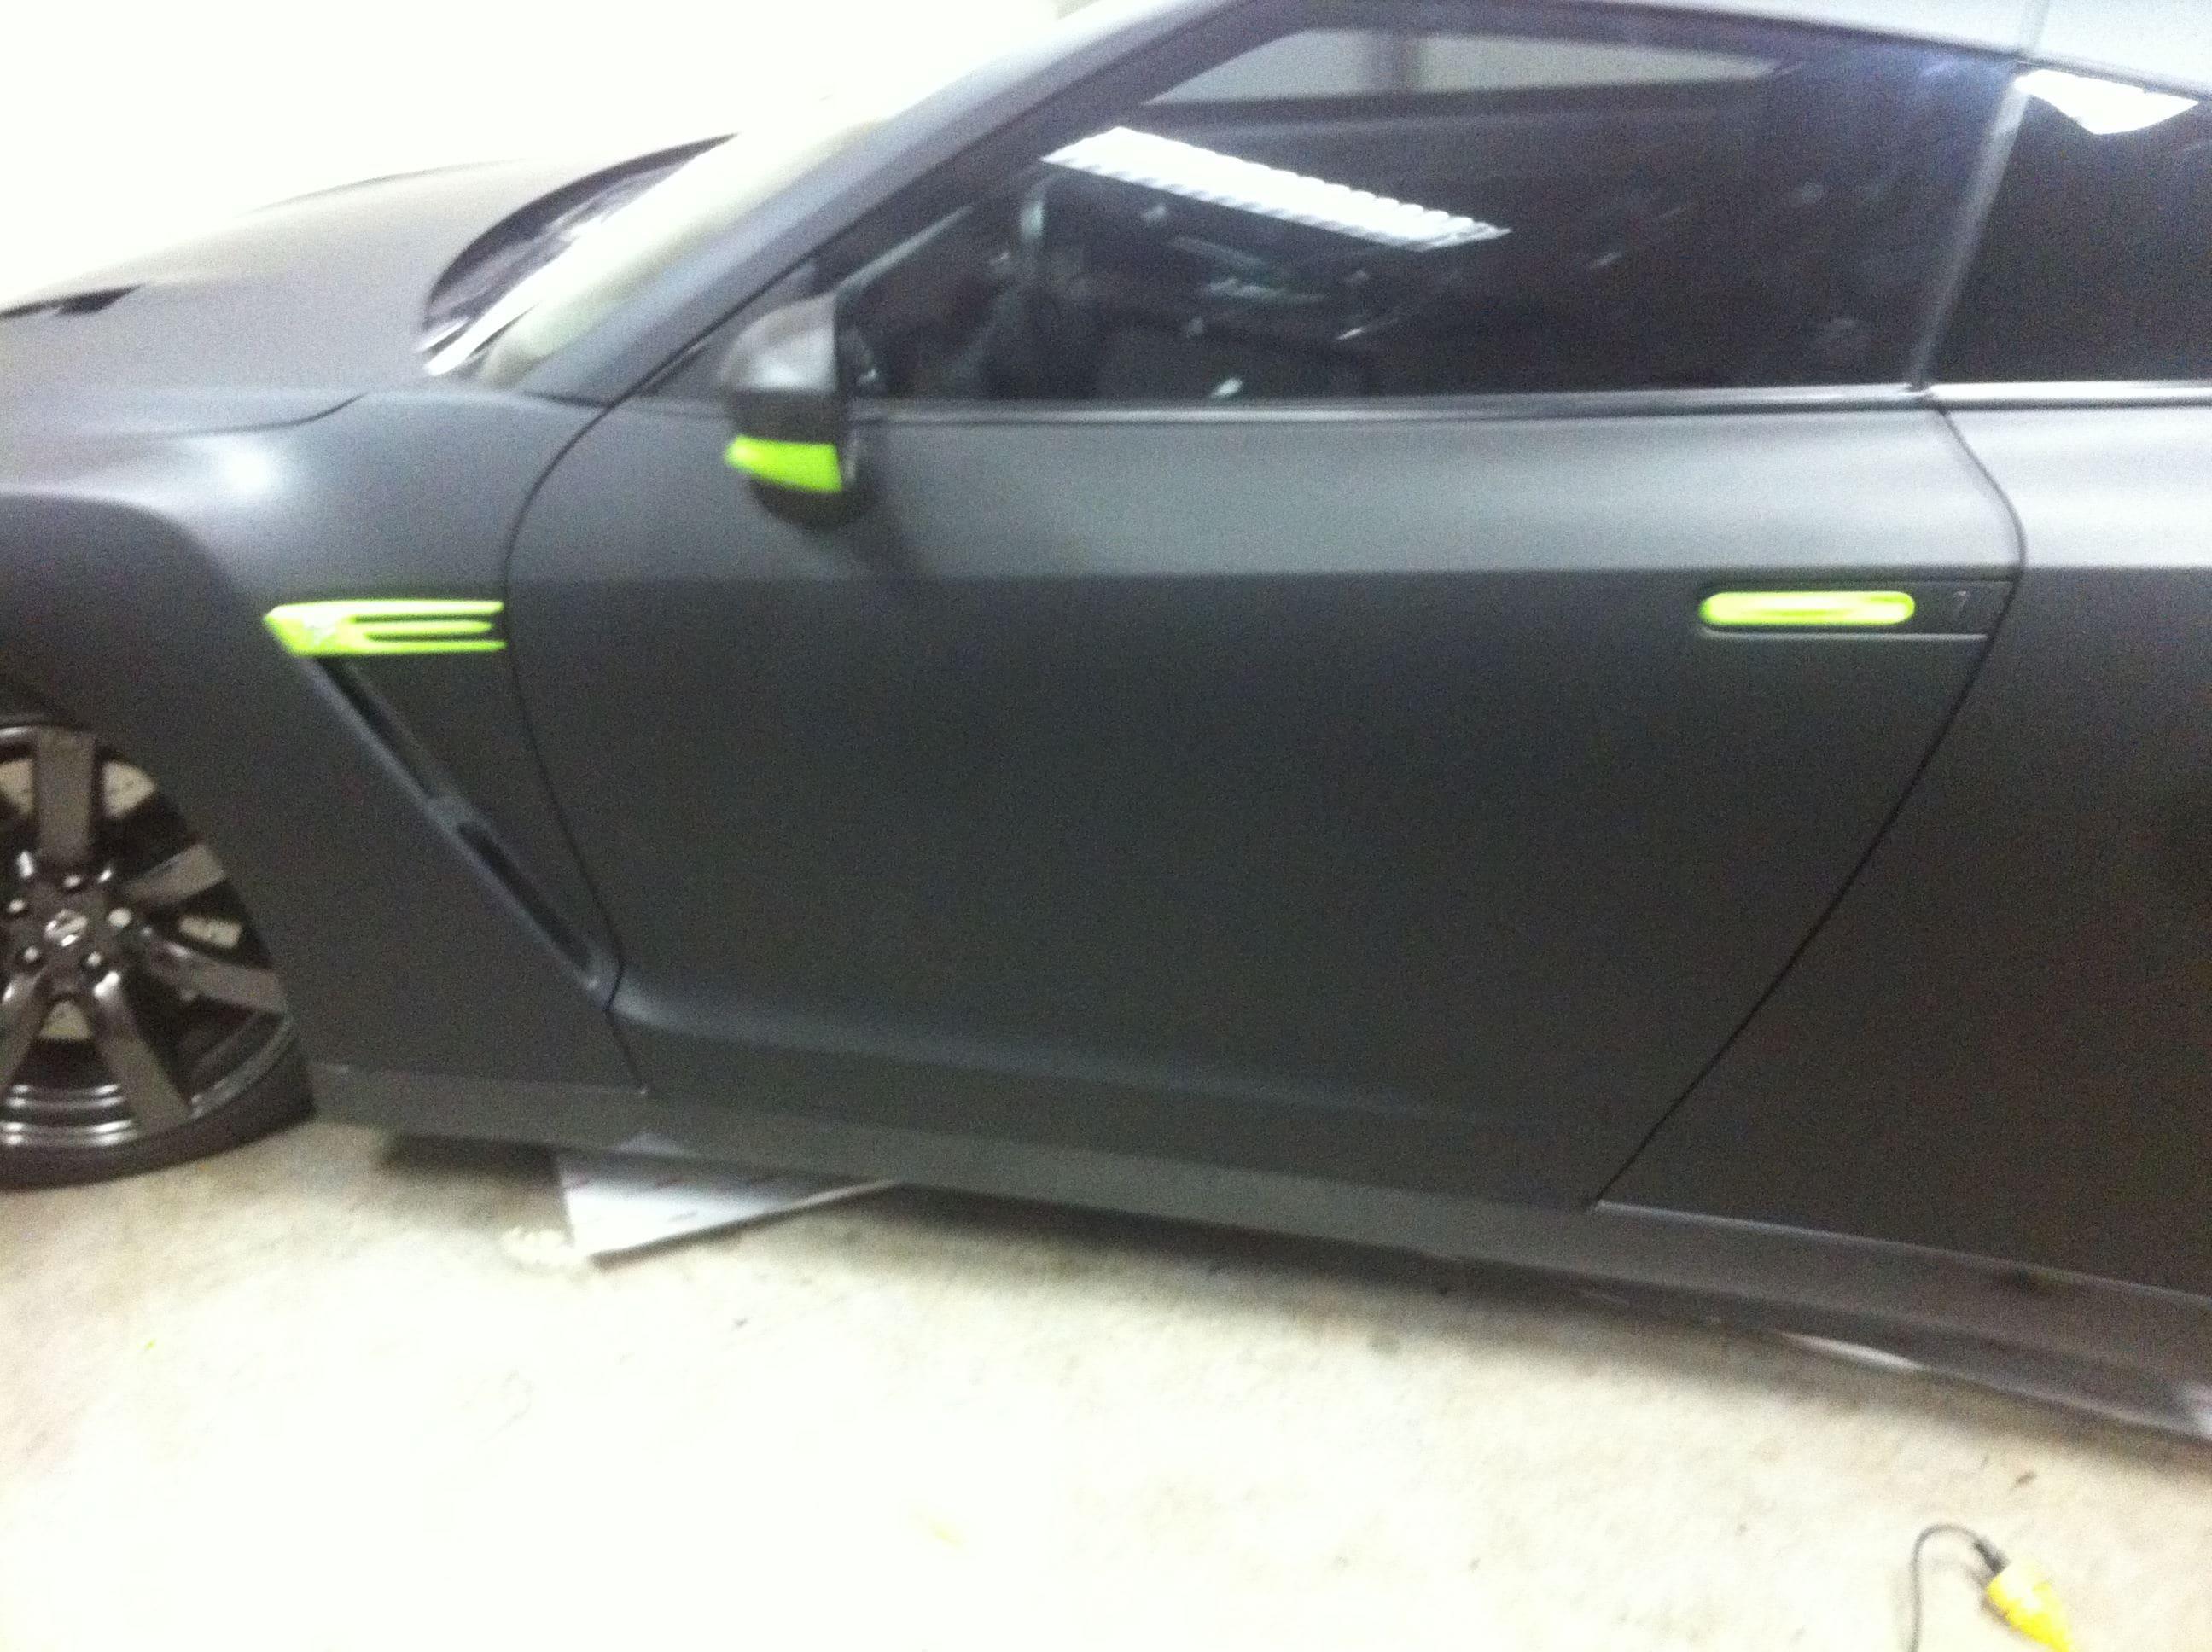 Nissan GT-R met Mat Zwarte Wrap, Carwrapping door Wrapmyride.nu Foto-nr:6590, ©2021